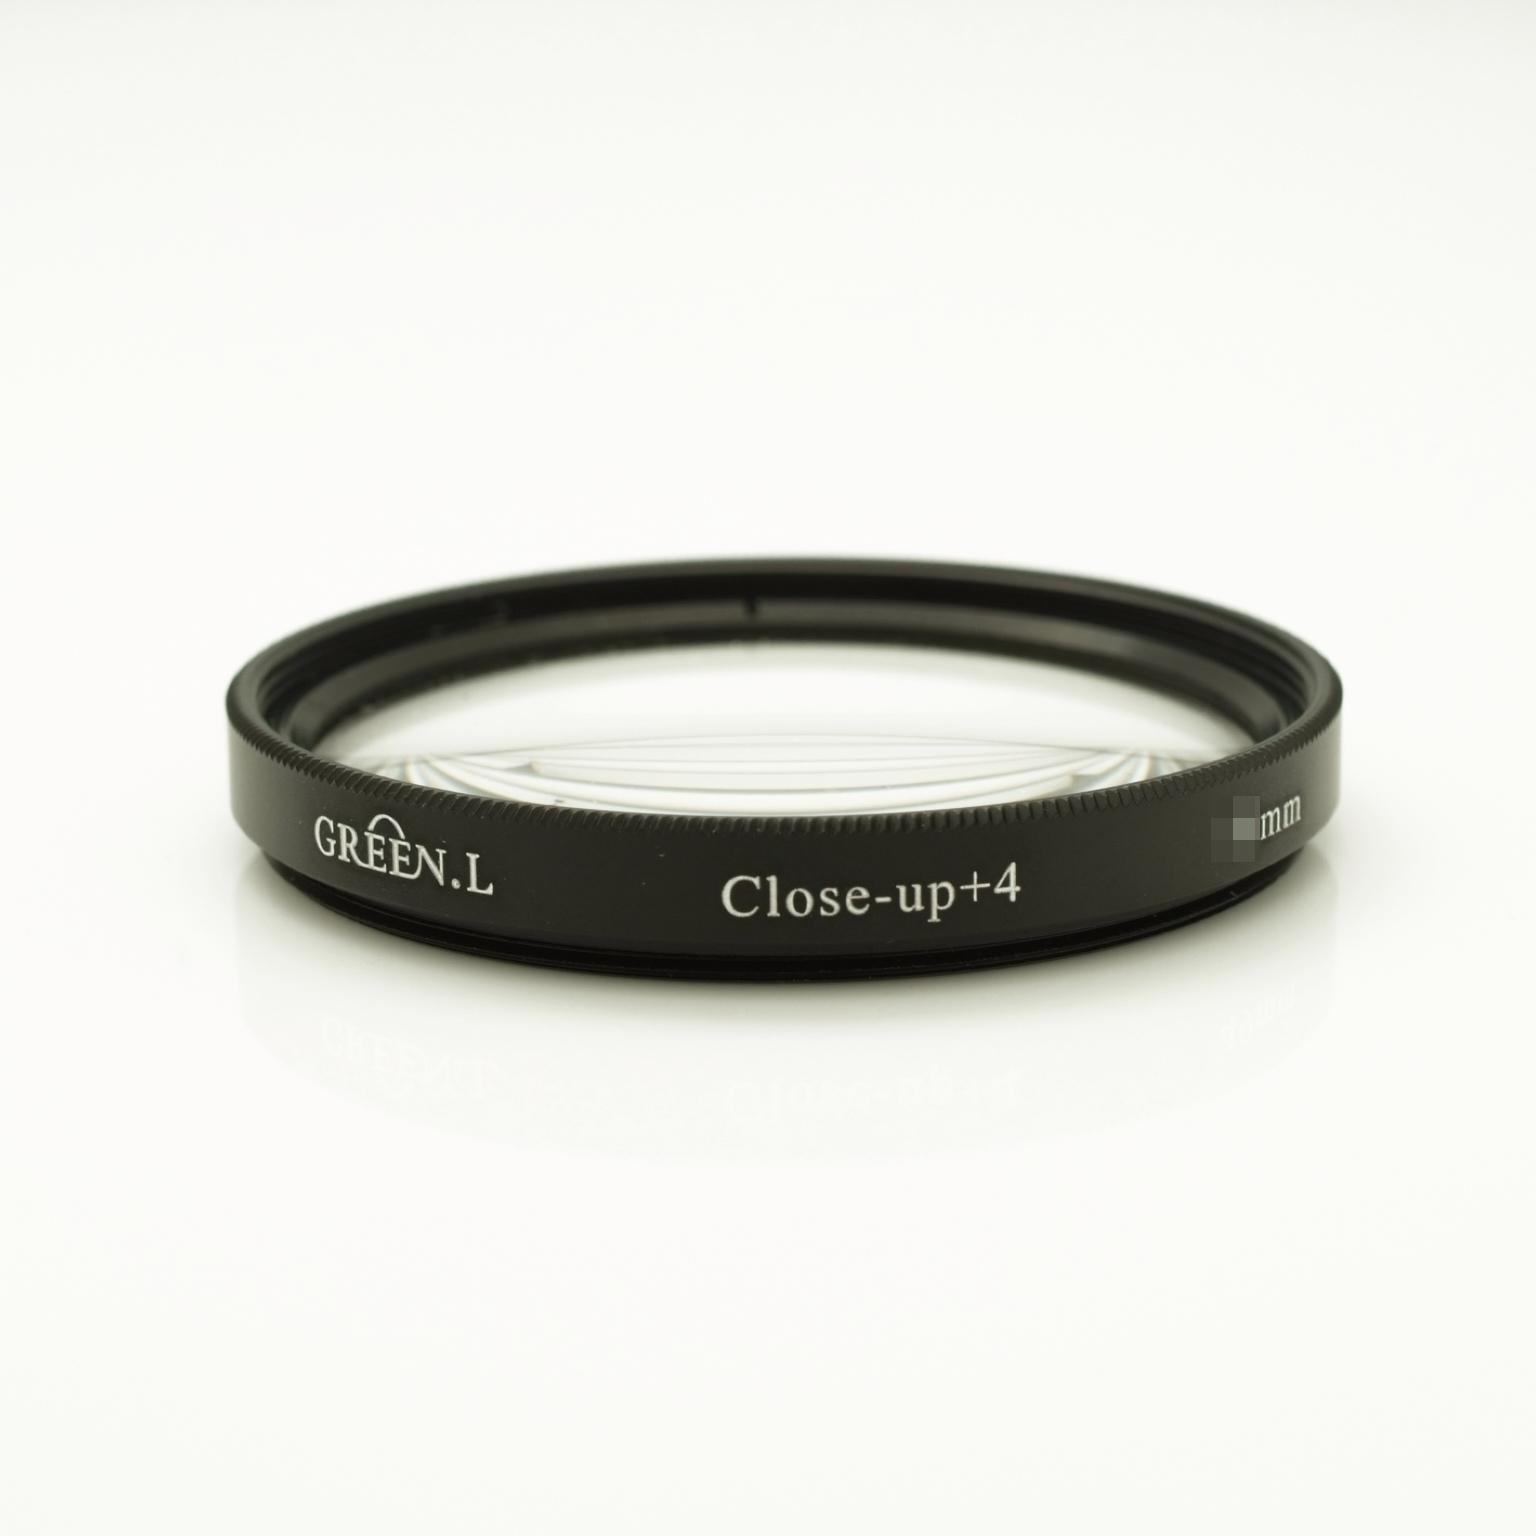 又敗家@ Green.L 40.5mm近攝鏡(close-up+4)Micro Macro鏡微距鏡,代倒接環雙陽環適近拍生態攝影適sony索尼16-50m f3.5-5.6 olympus 14-42mm第1代 尼康 Nikon 1 Nikkor 10mm f/2.8 18.5mm f/1.8 11-27.5mm f/3.5-5.6 VR 10-30mm 30-110mm f/3.8-5.6